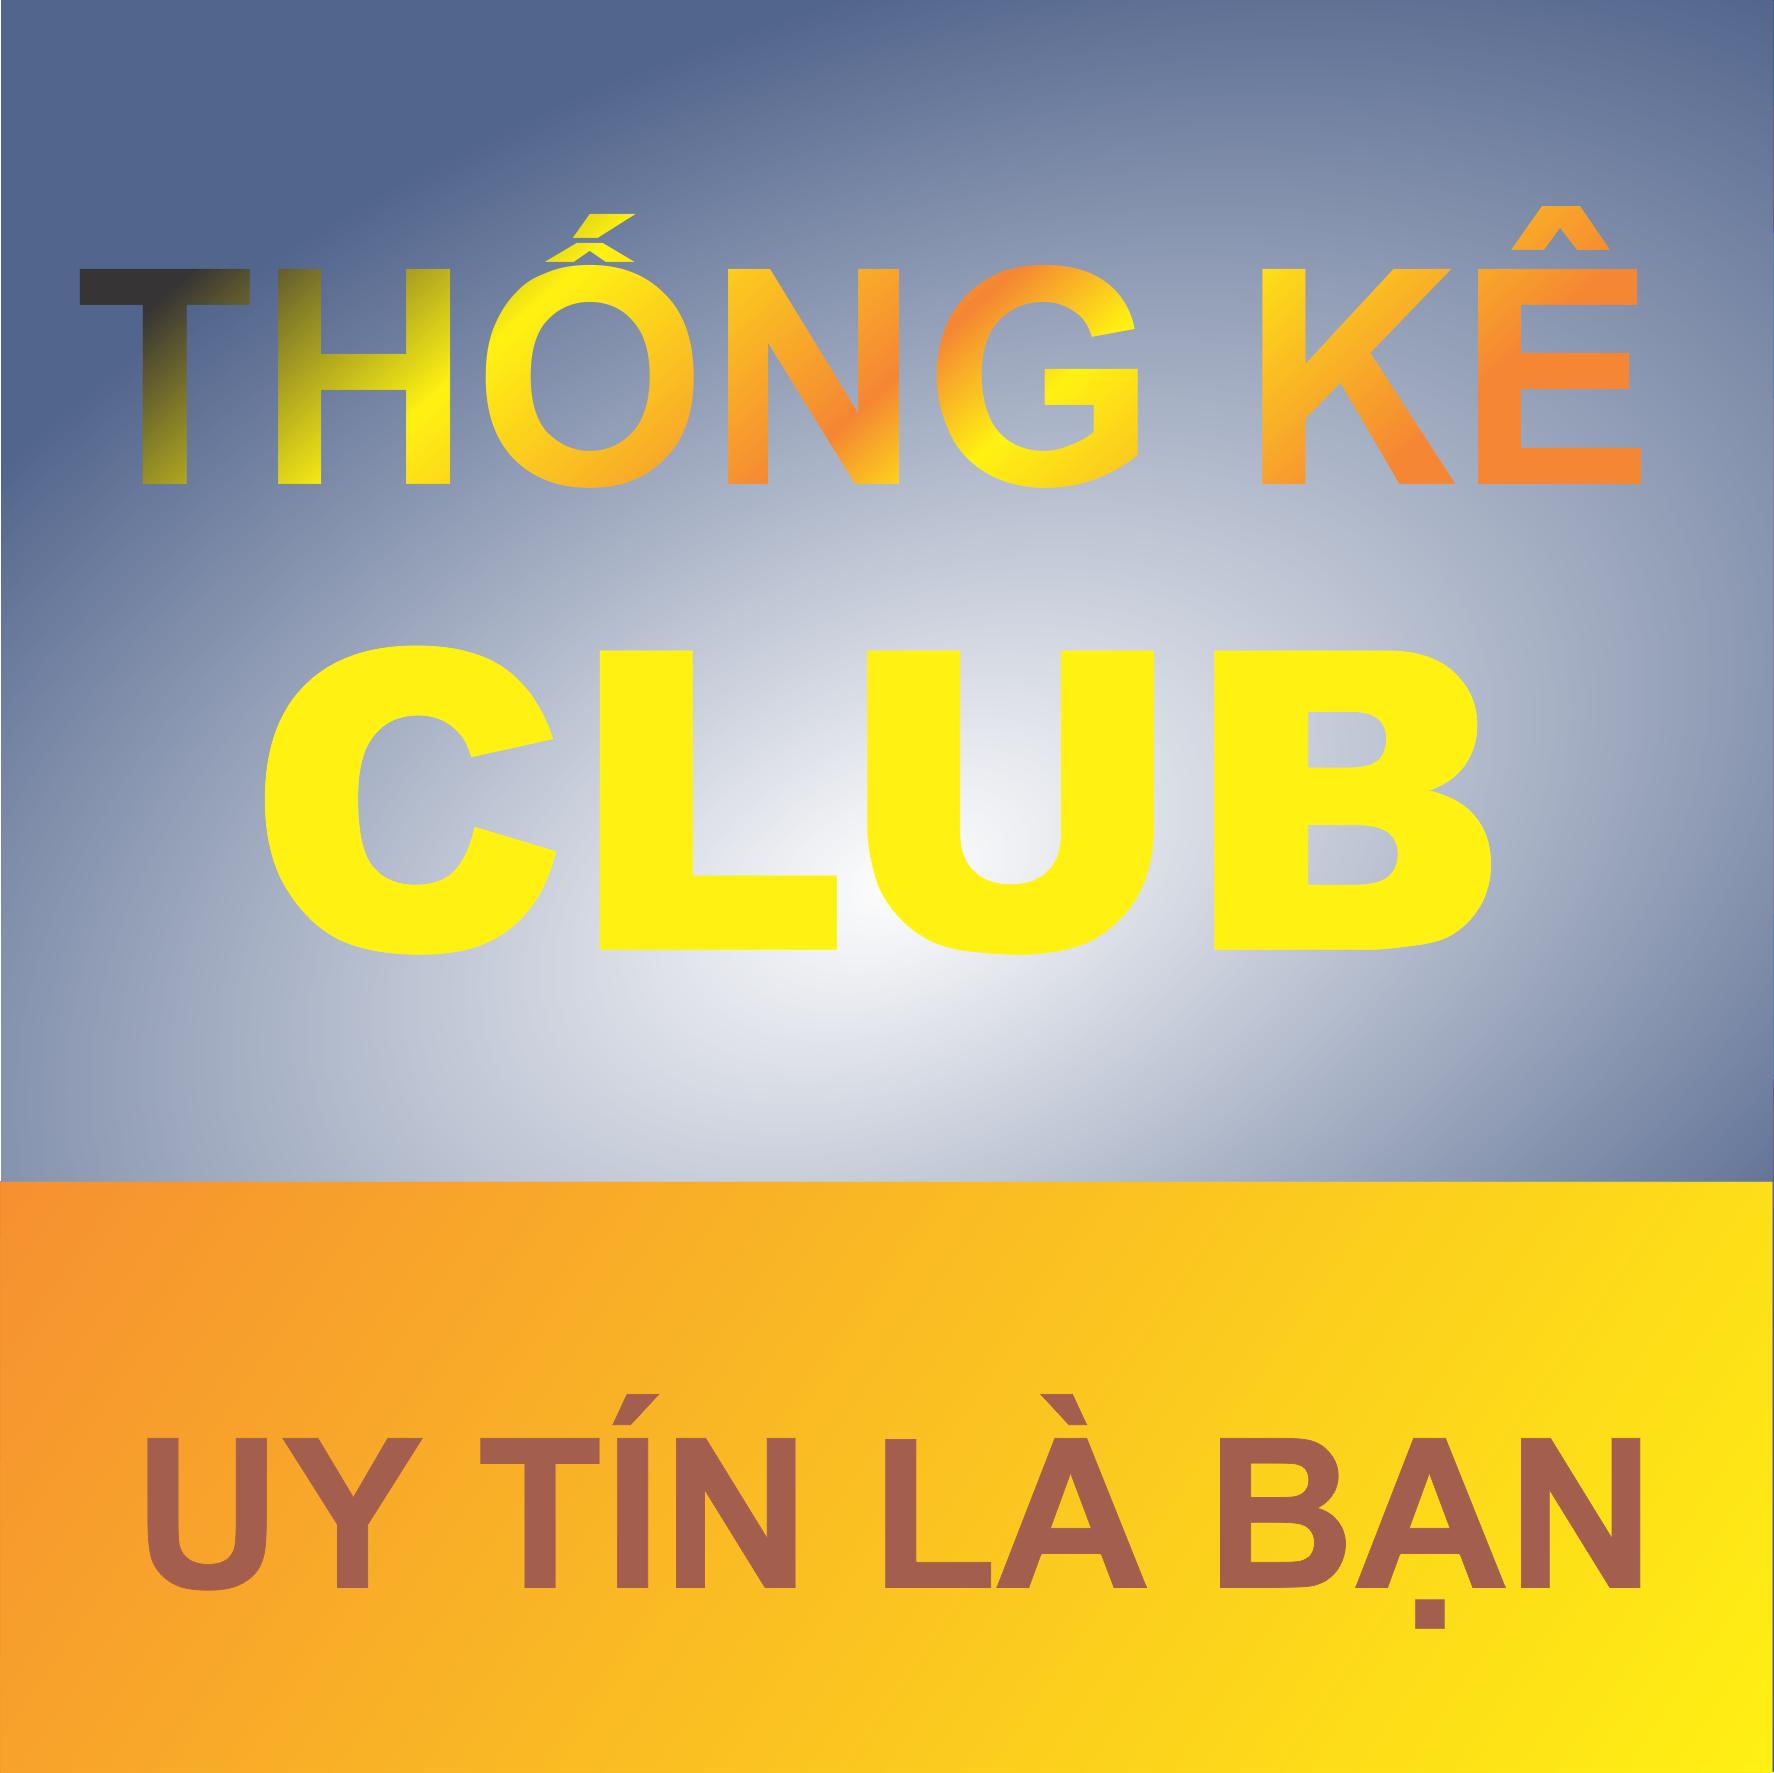 thongke01 - Dịch vụ tư vấn viết bài tiểu luận chuyên ngành